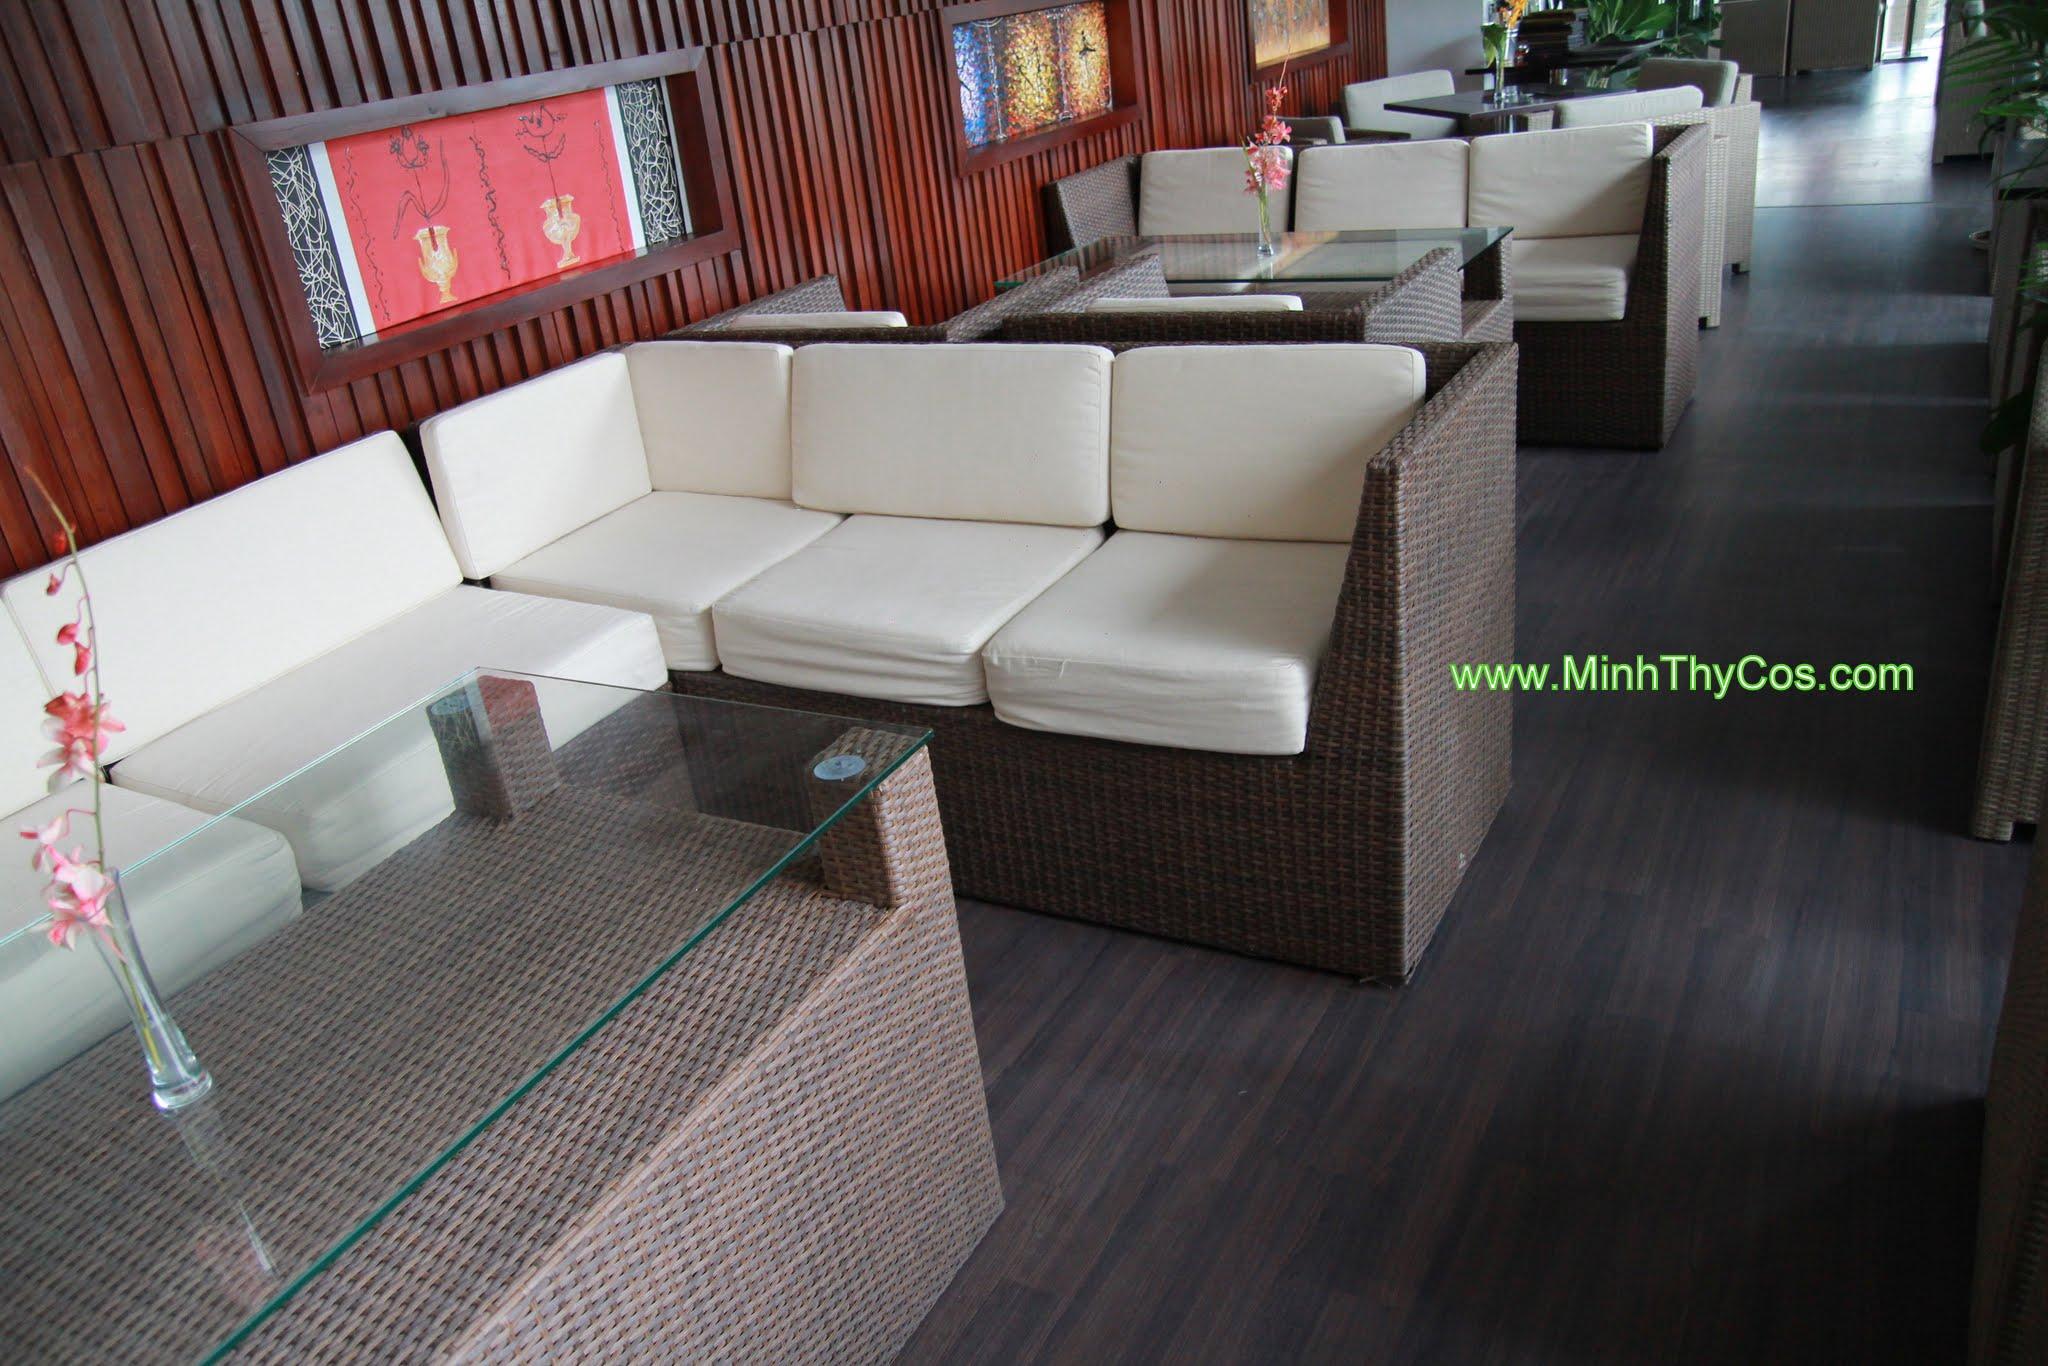 ghe bar may nhua Tai cafe SunOcean Da Nang